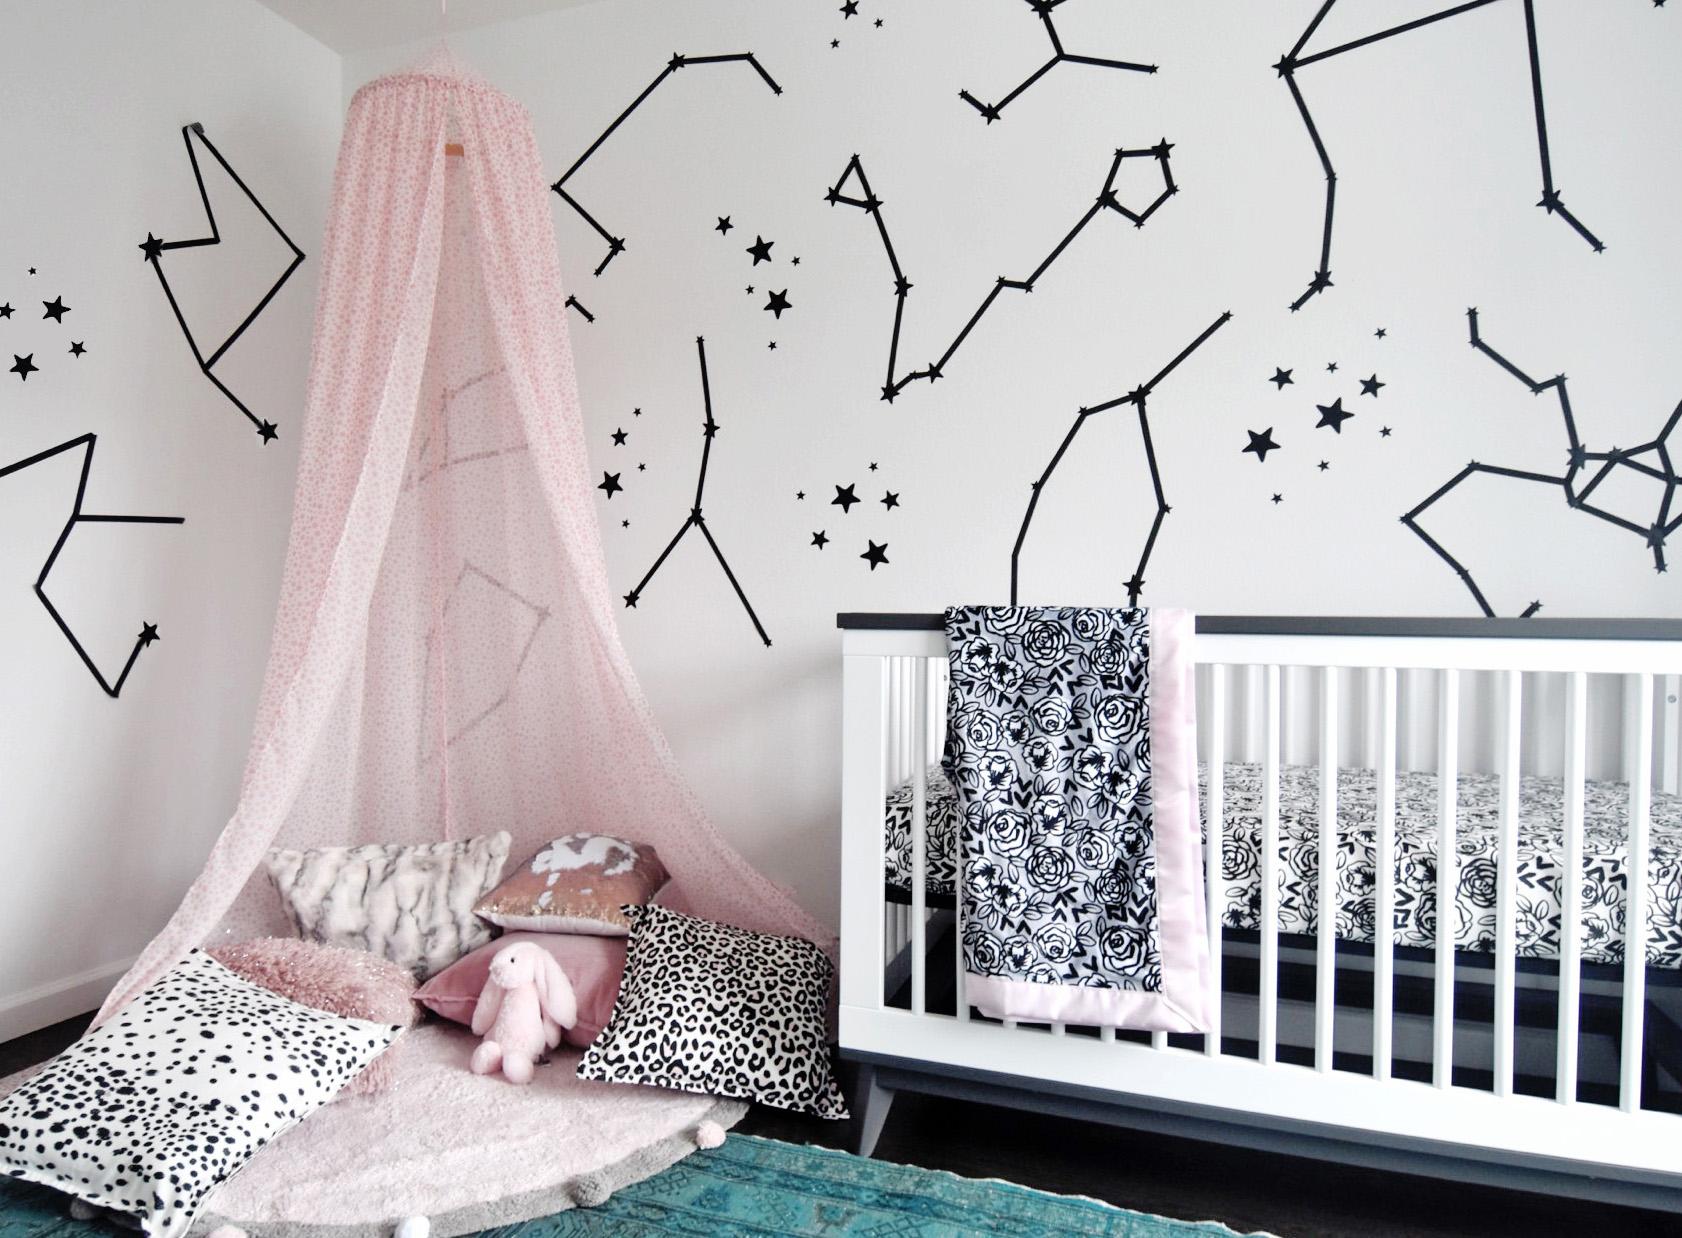 Sleep Under The Stars With A Diy Canopy